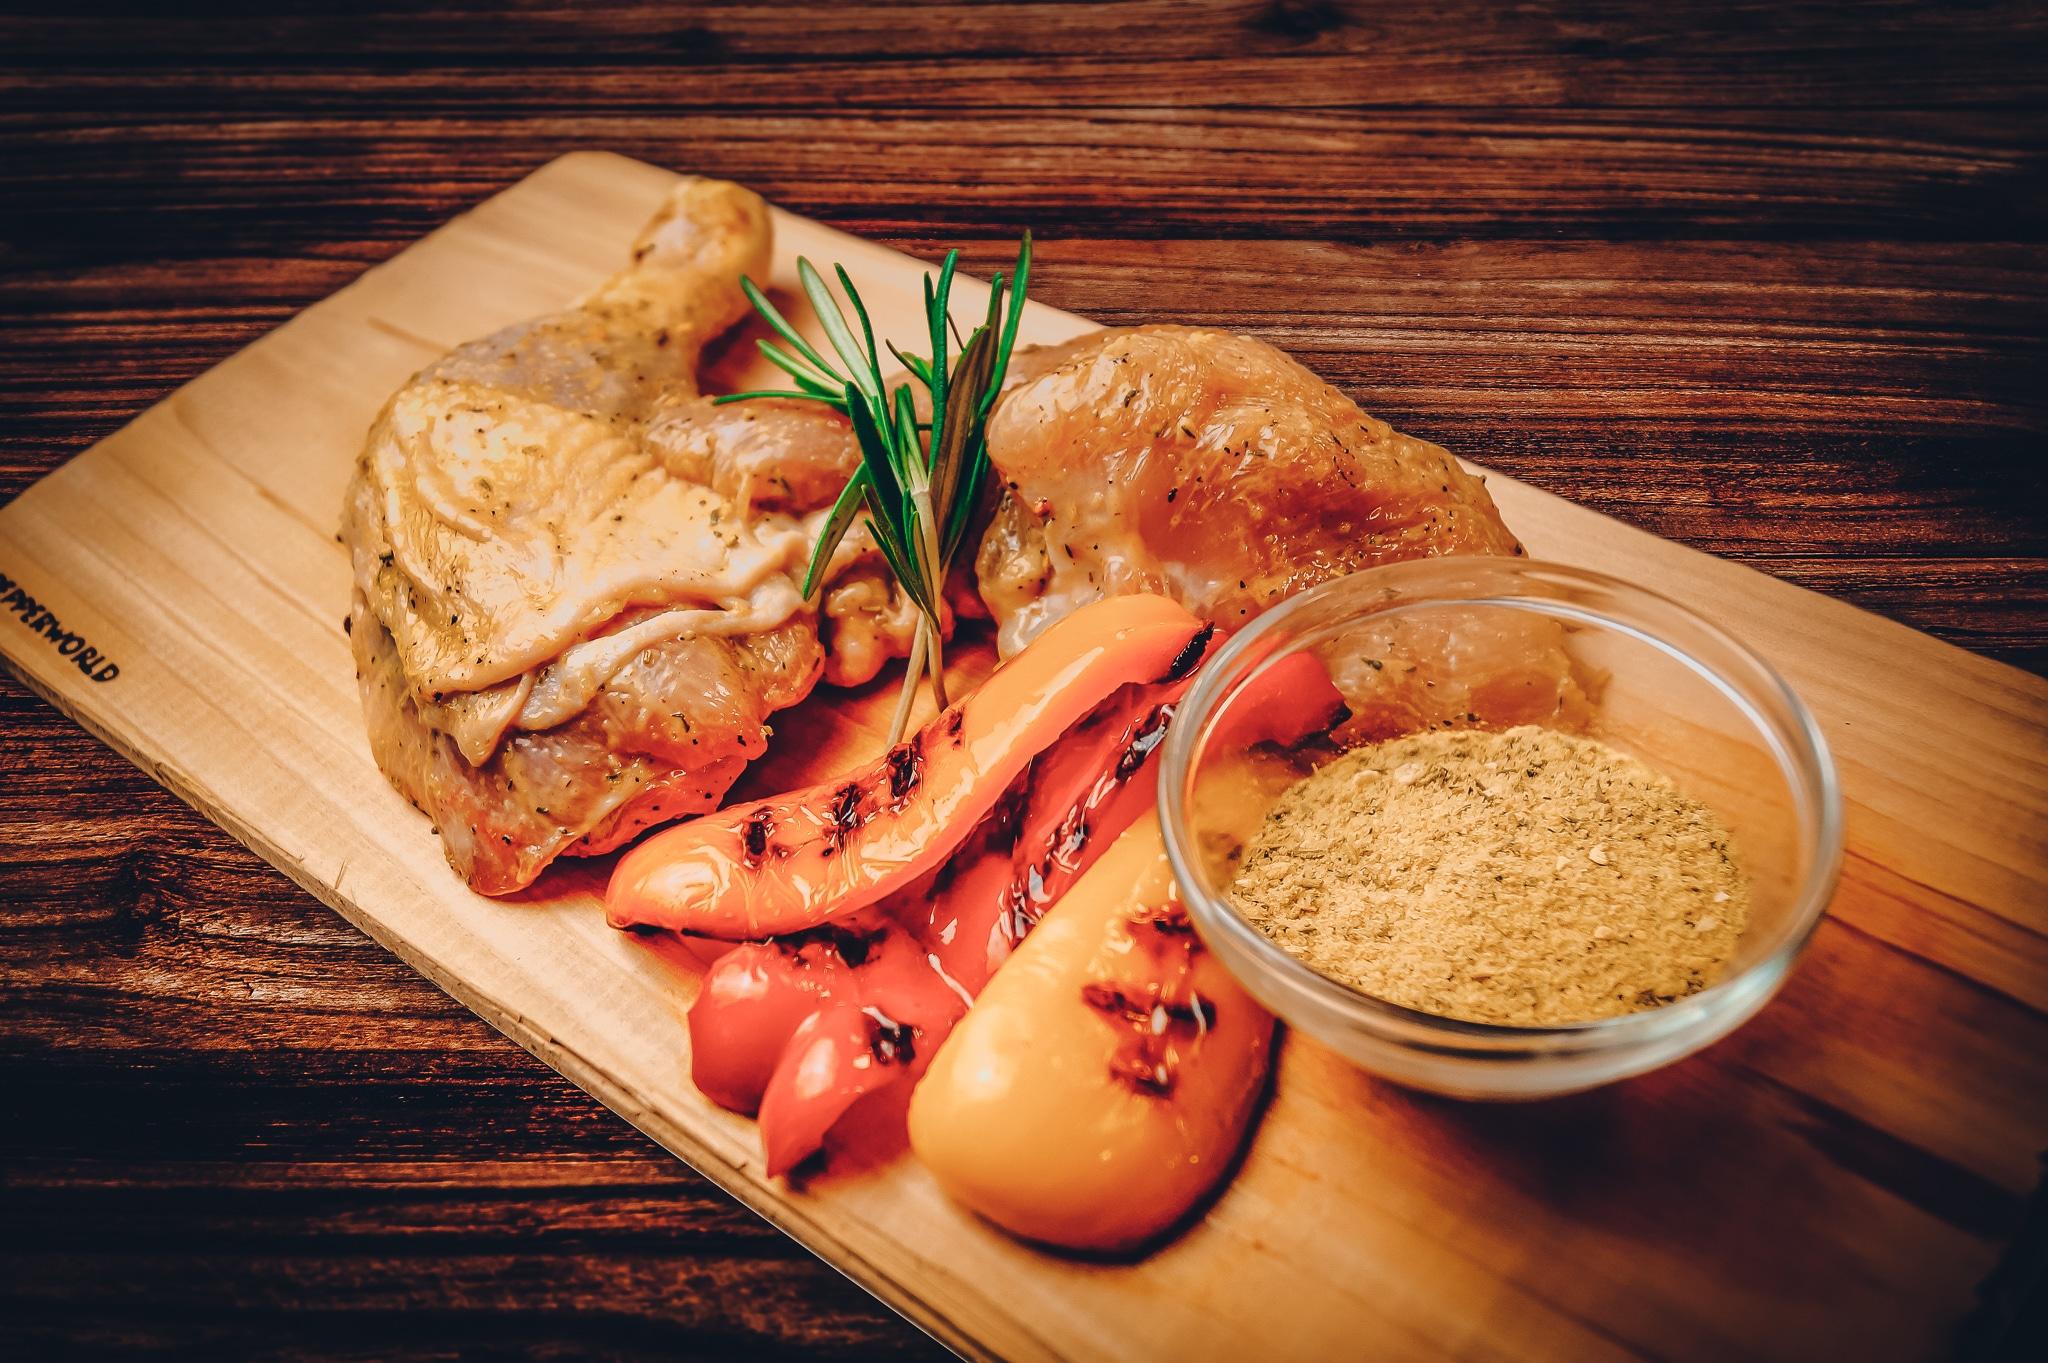 BBQ Rub - auf diesem Bild sieht man Hähnchen Fleisch mit unserem BBQ Rub Honig Senf